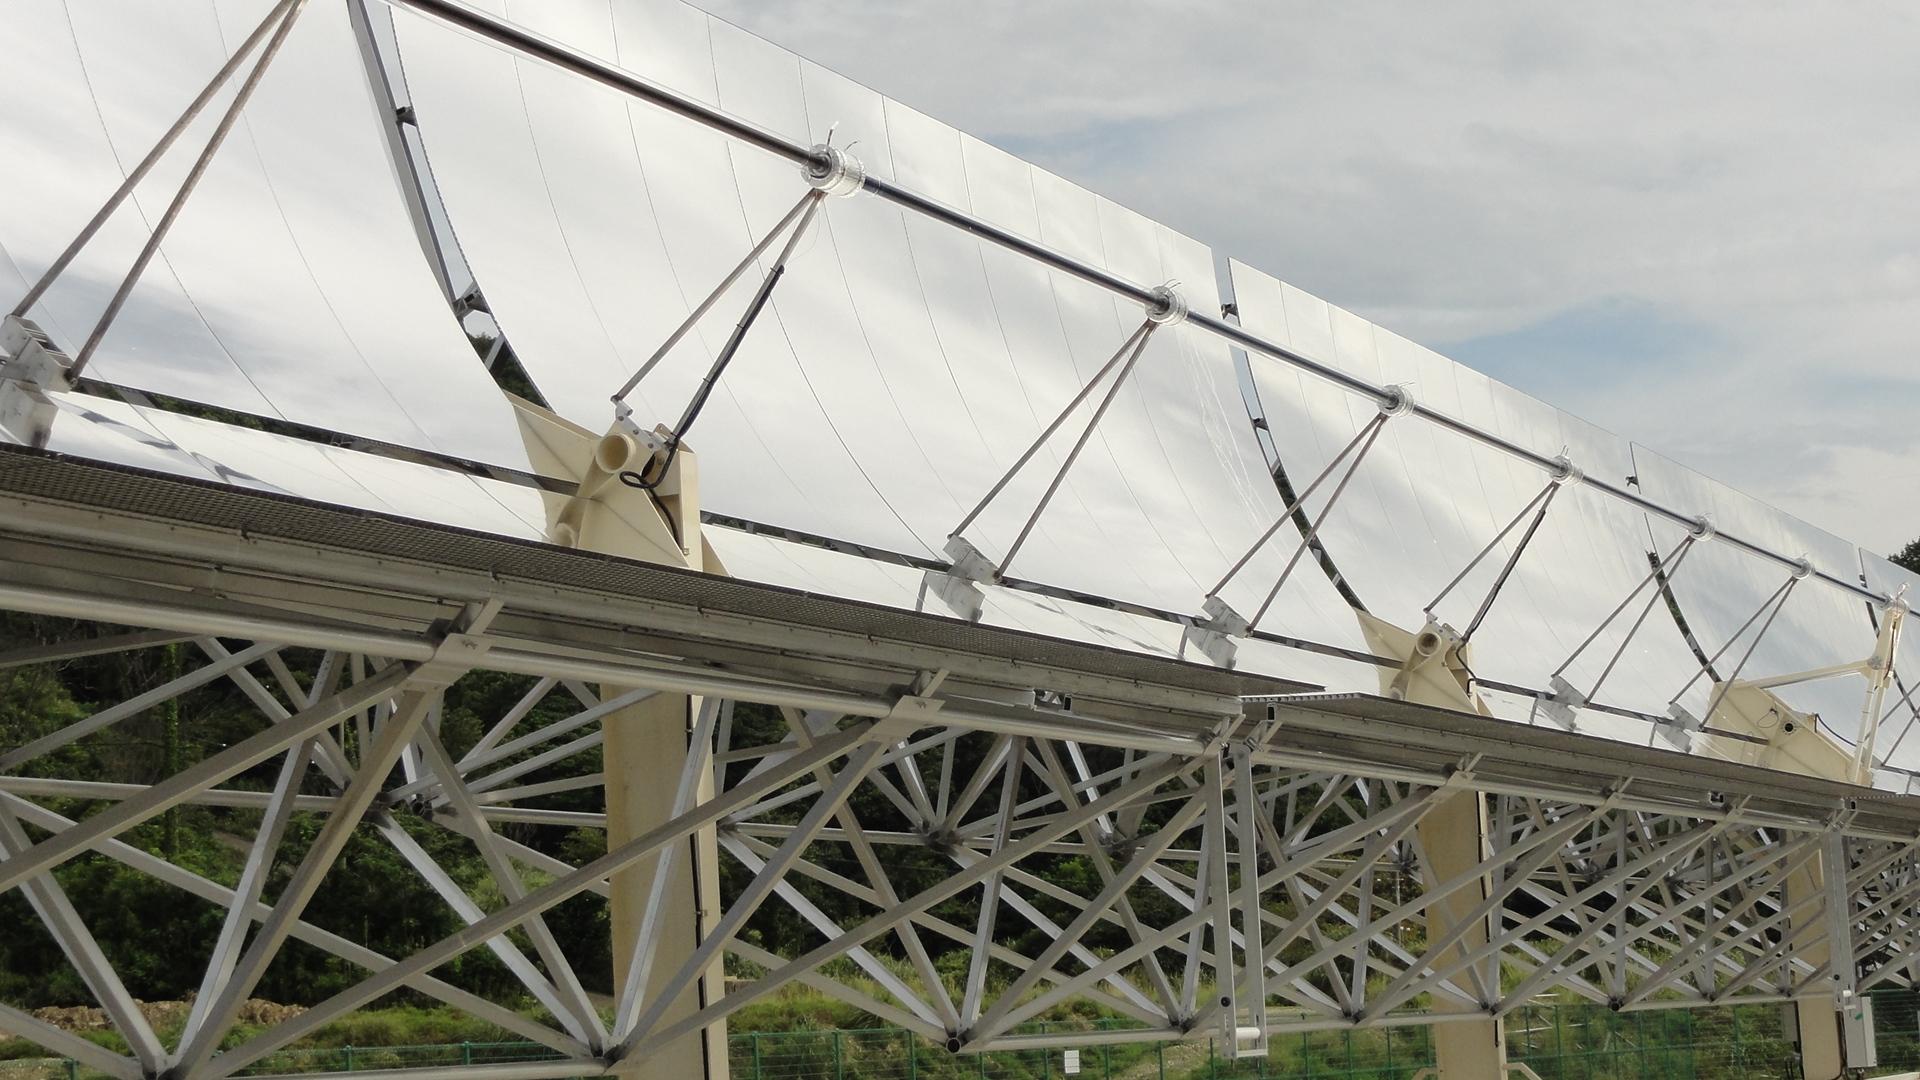 大型太陽熱集熱装置